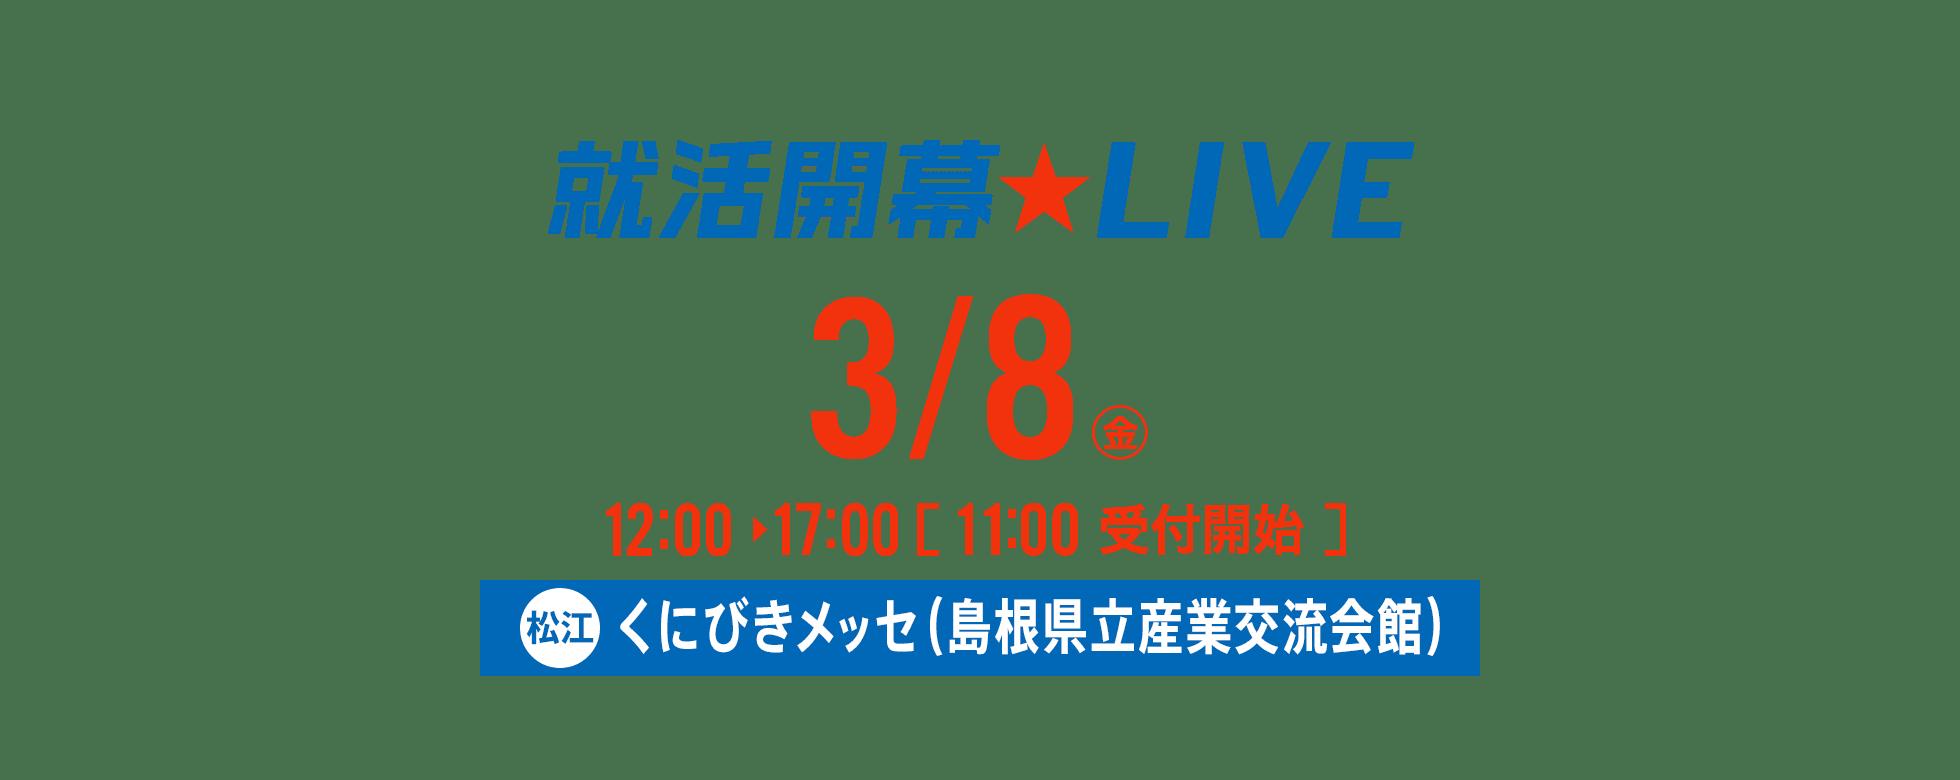 3/8開催 リクナビ合同企業説明会(就活開幕LIVE松江)に参加します。